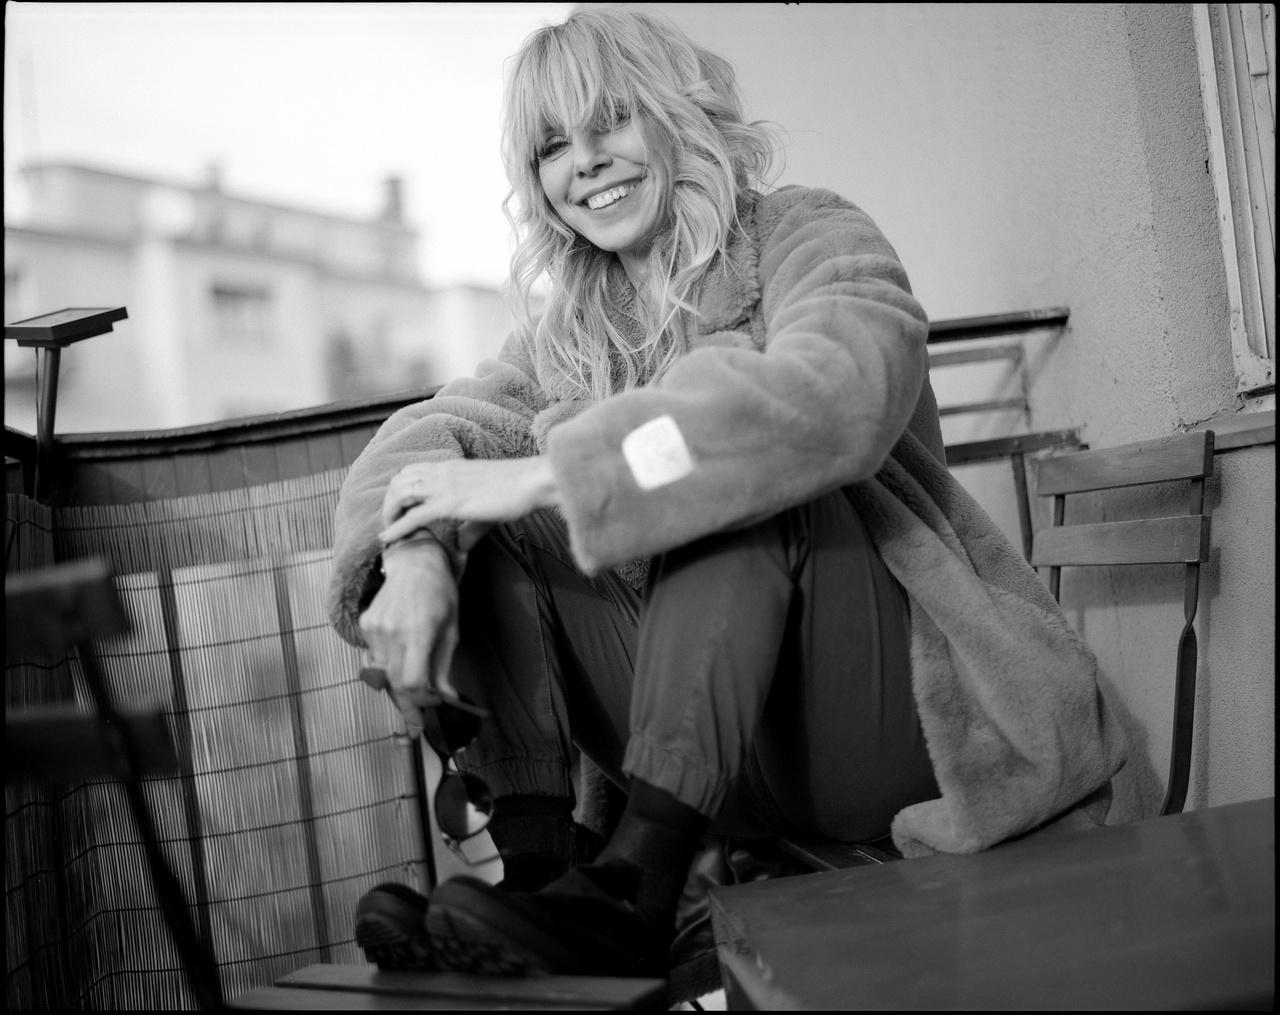 Péterfy Bori énekesnő és 2008-ban lovagkereszttel kitüntetett színésznő. Művészcsaládból származik, dédapja Áprily Lajos költő, édesapja Péterfy László szobrász, bátyja Péterfy Gergely író, unokatestvére Gerlóczy Márton író. Az Amorf Ördögök tagja volt 1999-től annak 2006-os feloszlásáig, majd 2007 májusában az Amorf Ördögök utolsó formációjának többségével együtt megalapították a Péterfy Bori & Love Bandet, amely első, 2007. októberi albuma platinalemez lett (a dalokat a volt amorfos társai, Tövisházi Ambrus és Tariska Szabolcs, valamint Lovasi András írták). Összesen hat nagylemezük jelent meg, az utolsó 2017-ben. A Kobuciban évek óta rendszeresen fellépnek, tavaly ők léptek fel a kert nyitóbuliján is.